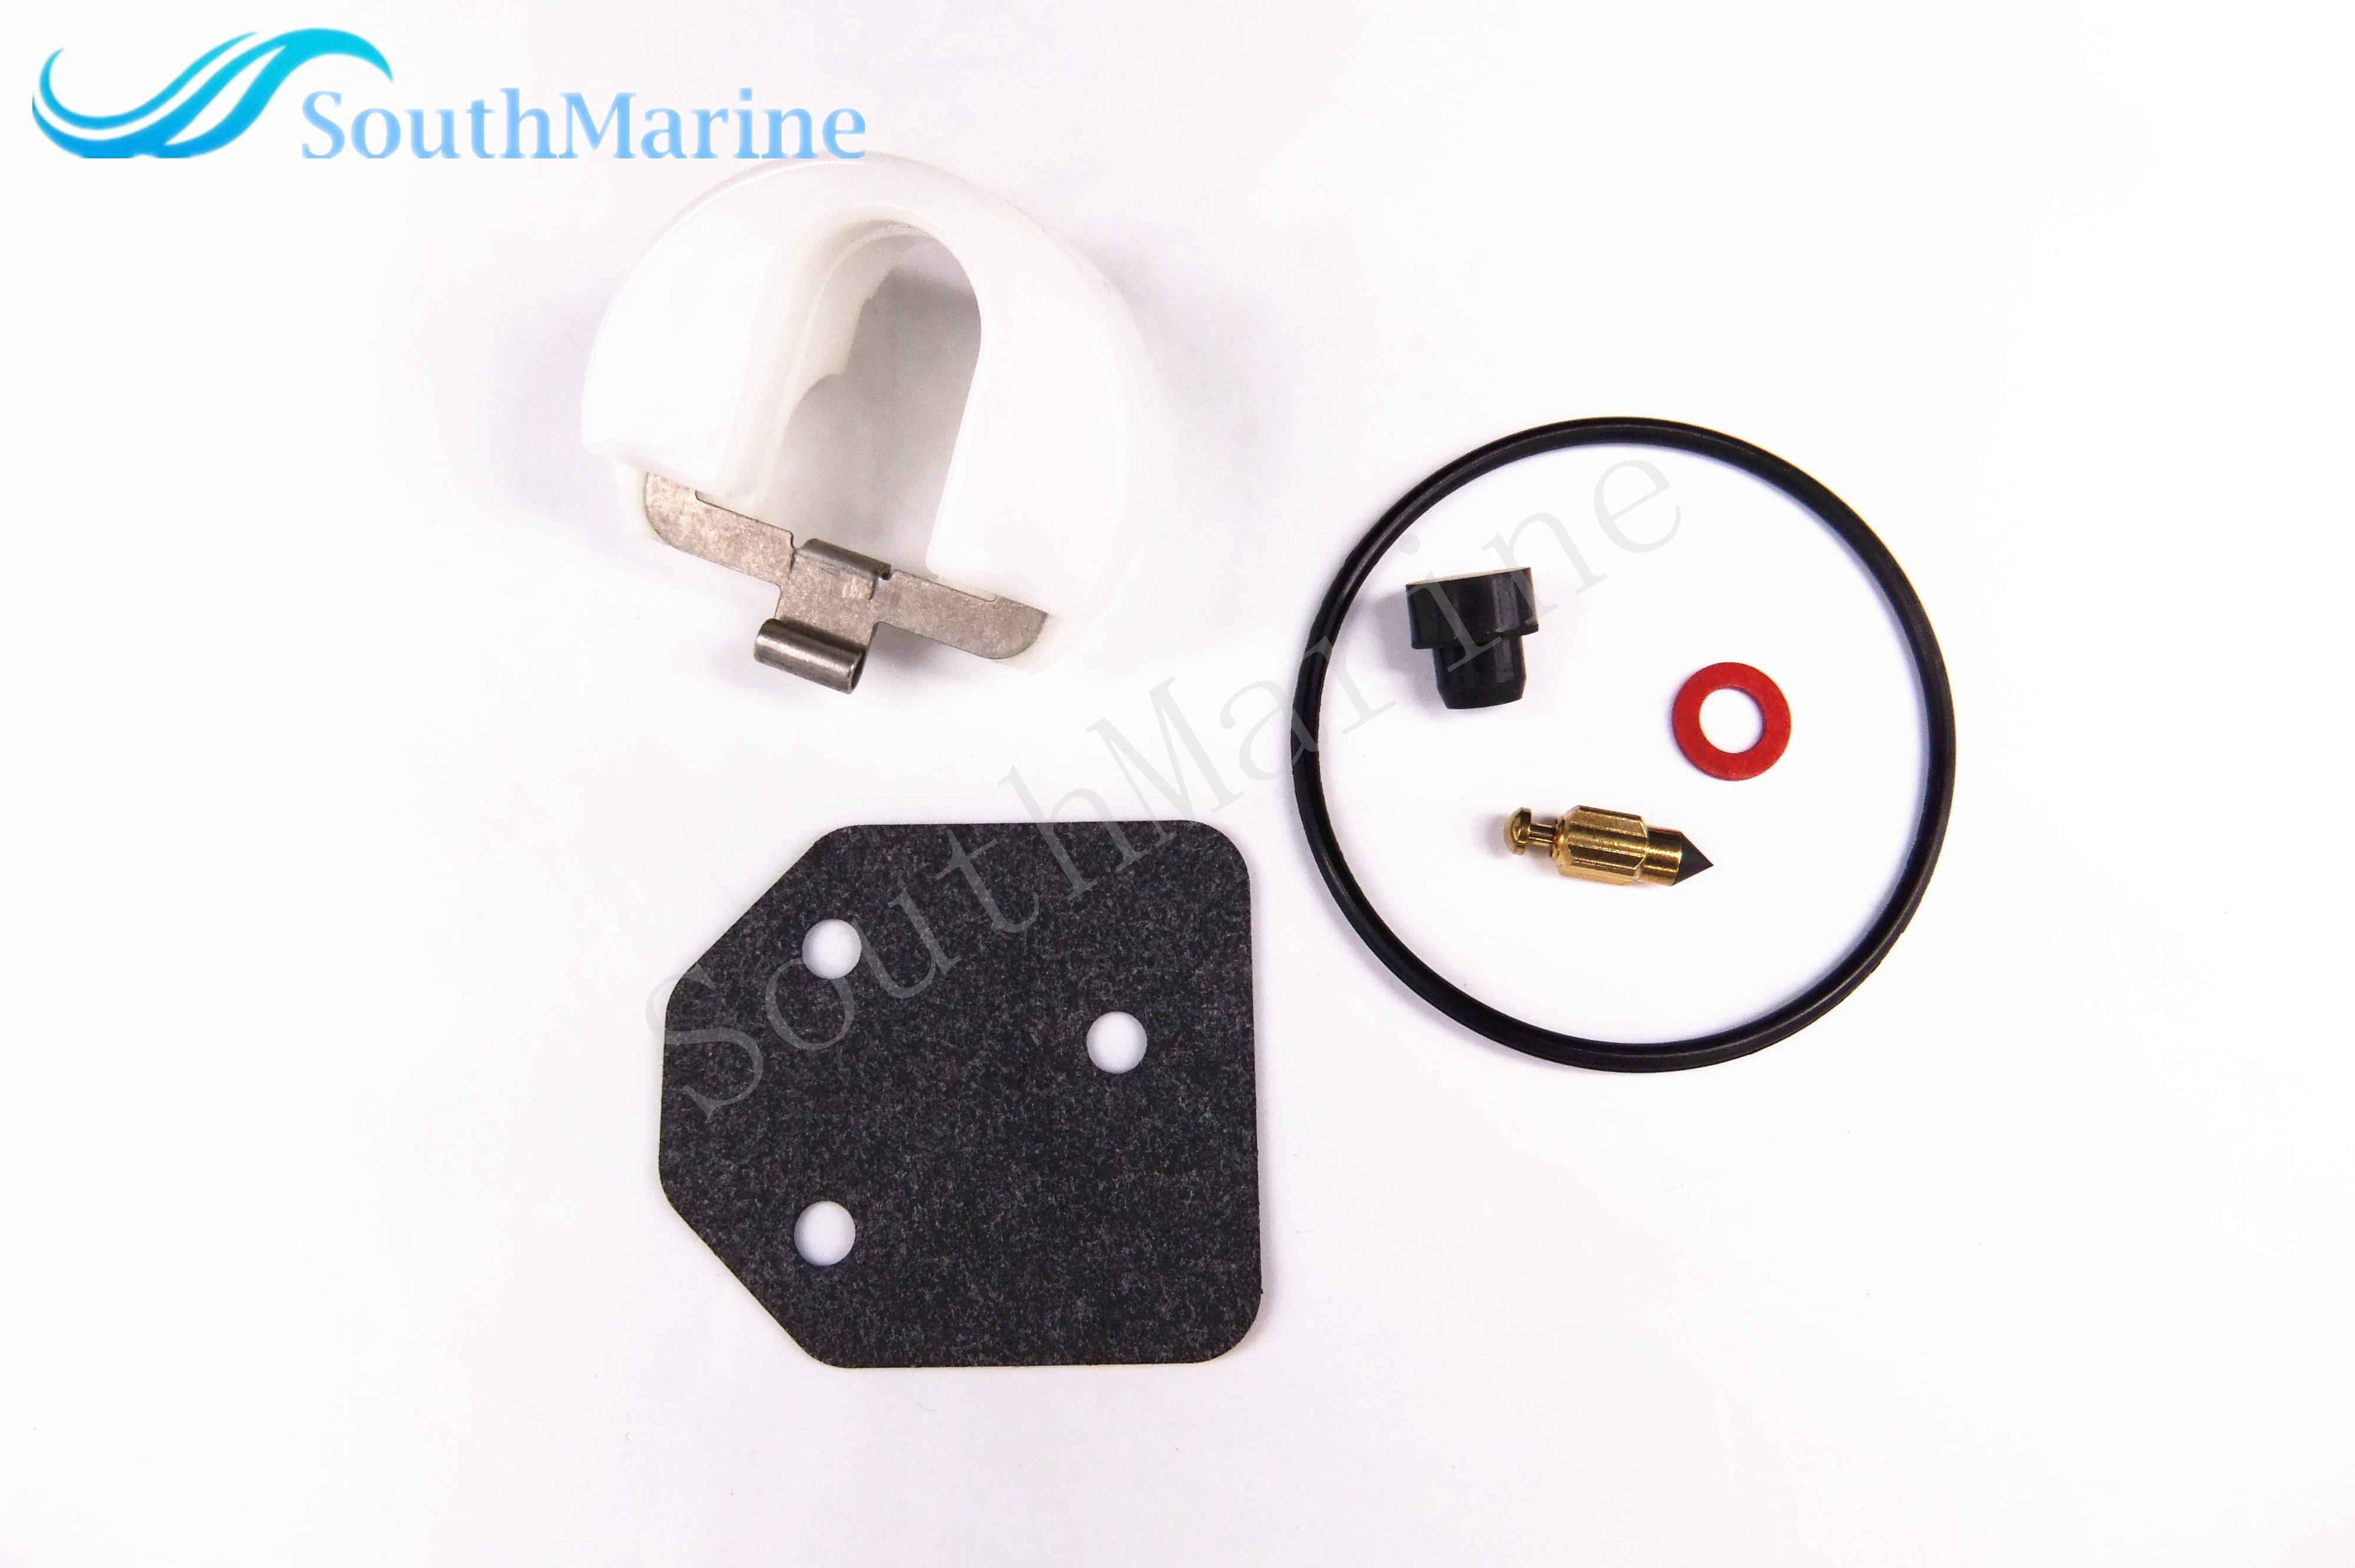 Outboard Motors Carburetor Repair Kit For Parsun HDX Makara 4-stroke F4 F5 BM 4hp 5hp Boat